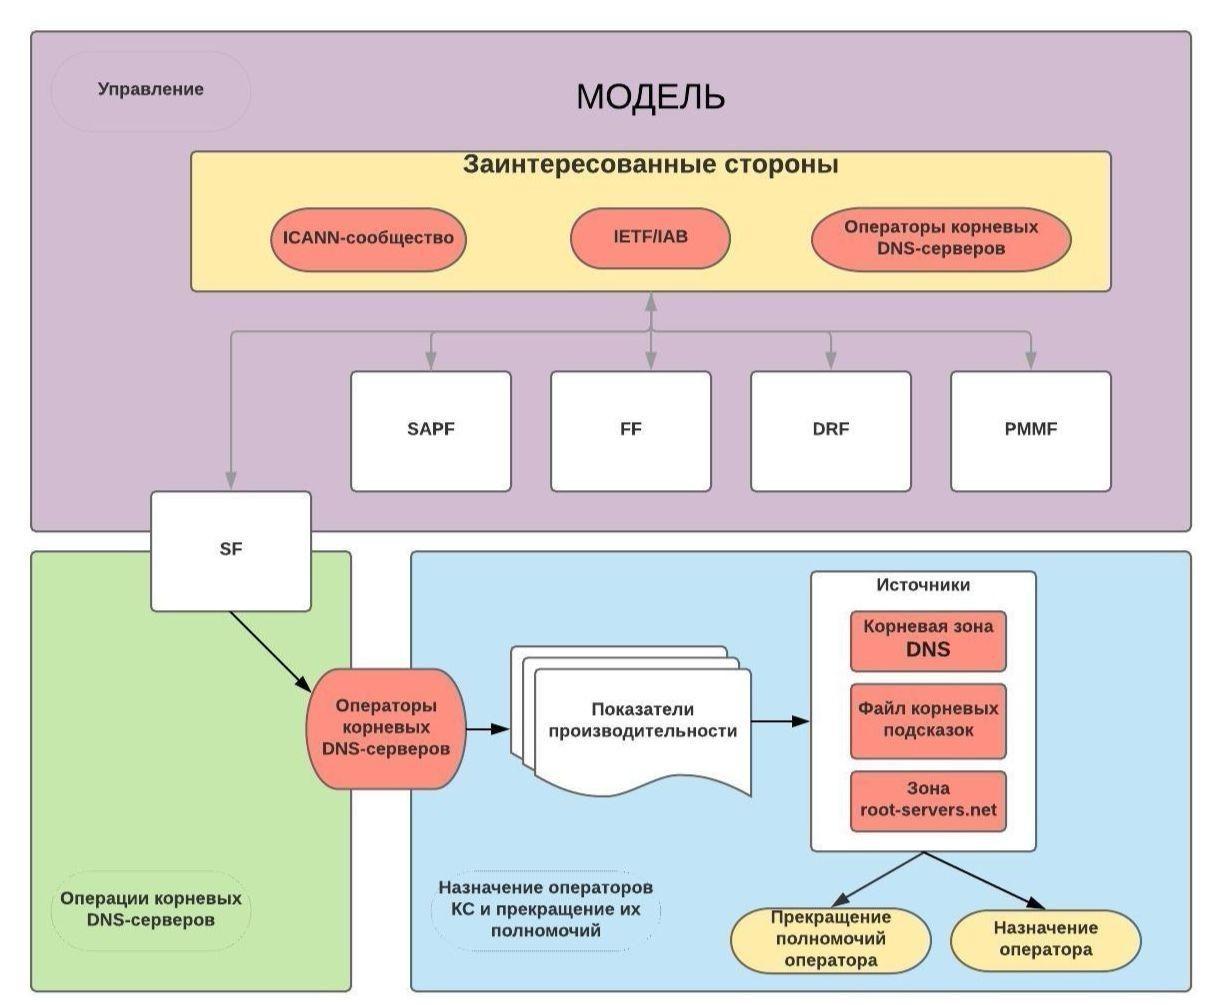 План ICANN: в корпорации предложили новую модель управления корневыми серверами DNS - 2